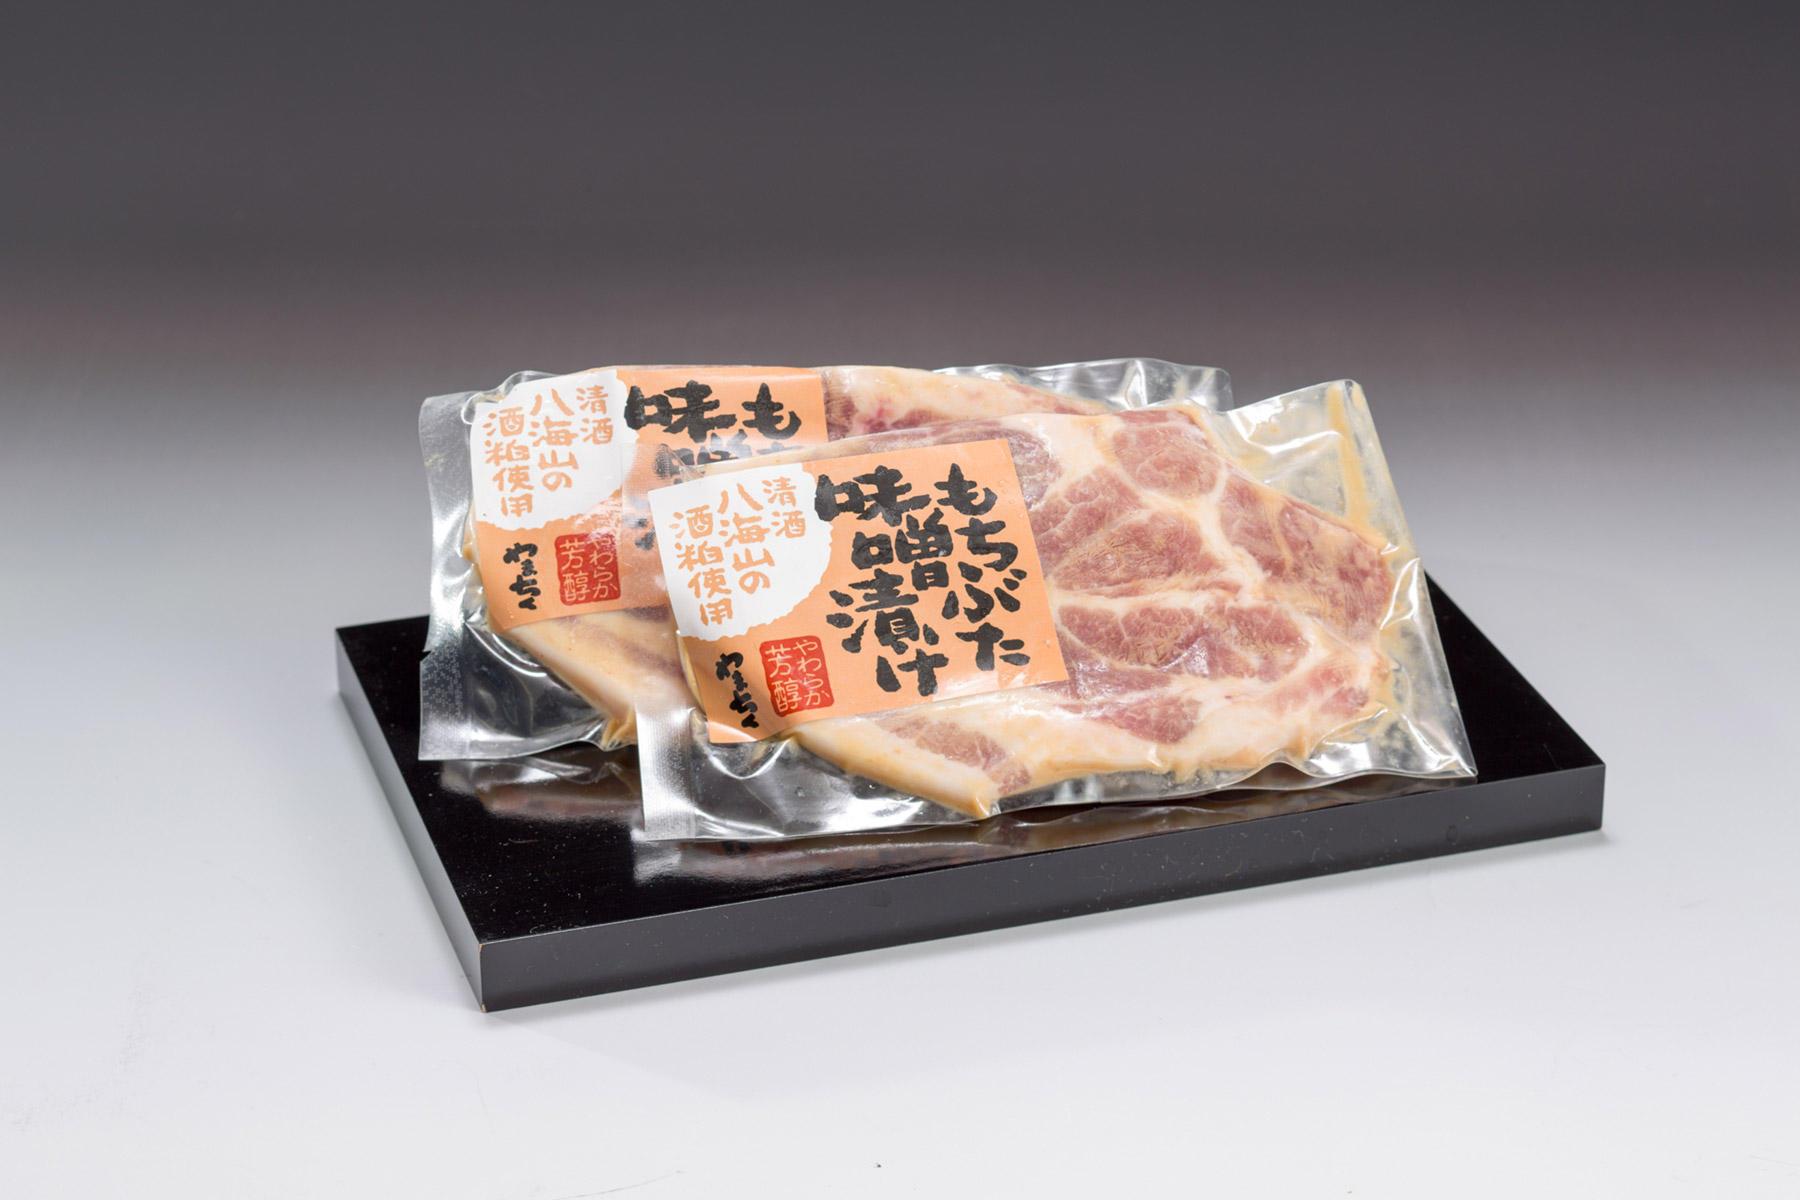 和豚もちぶた味噌漬